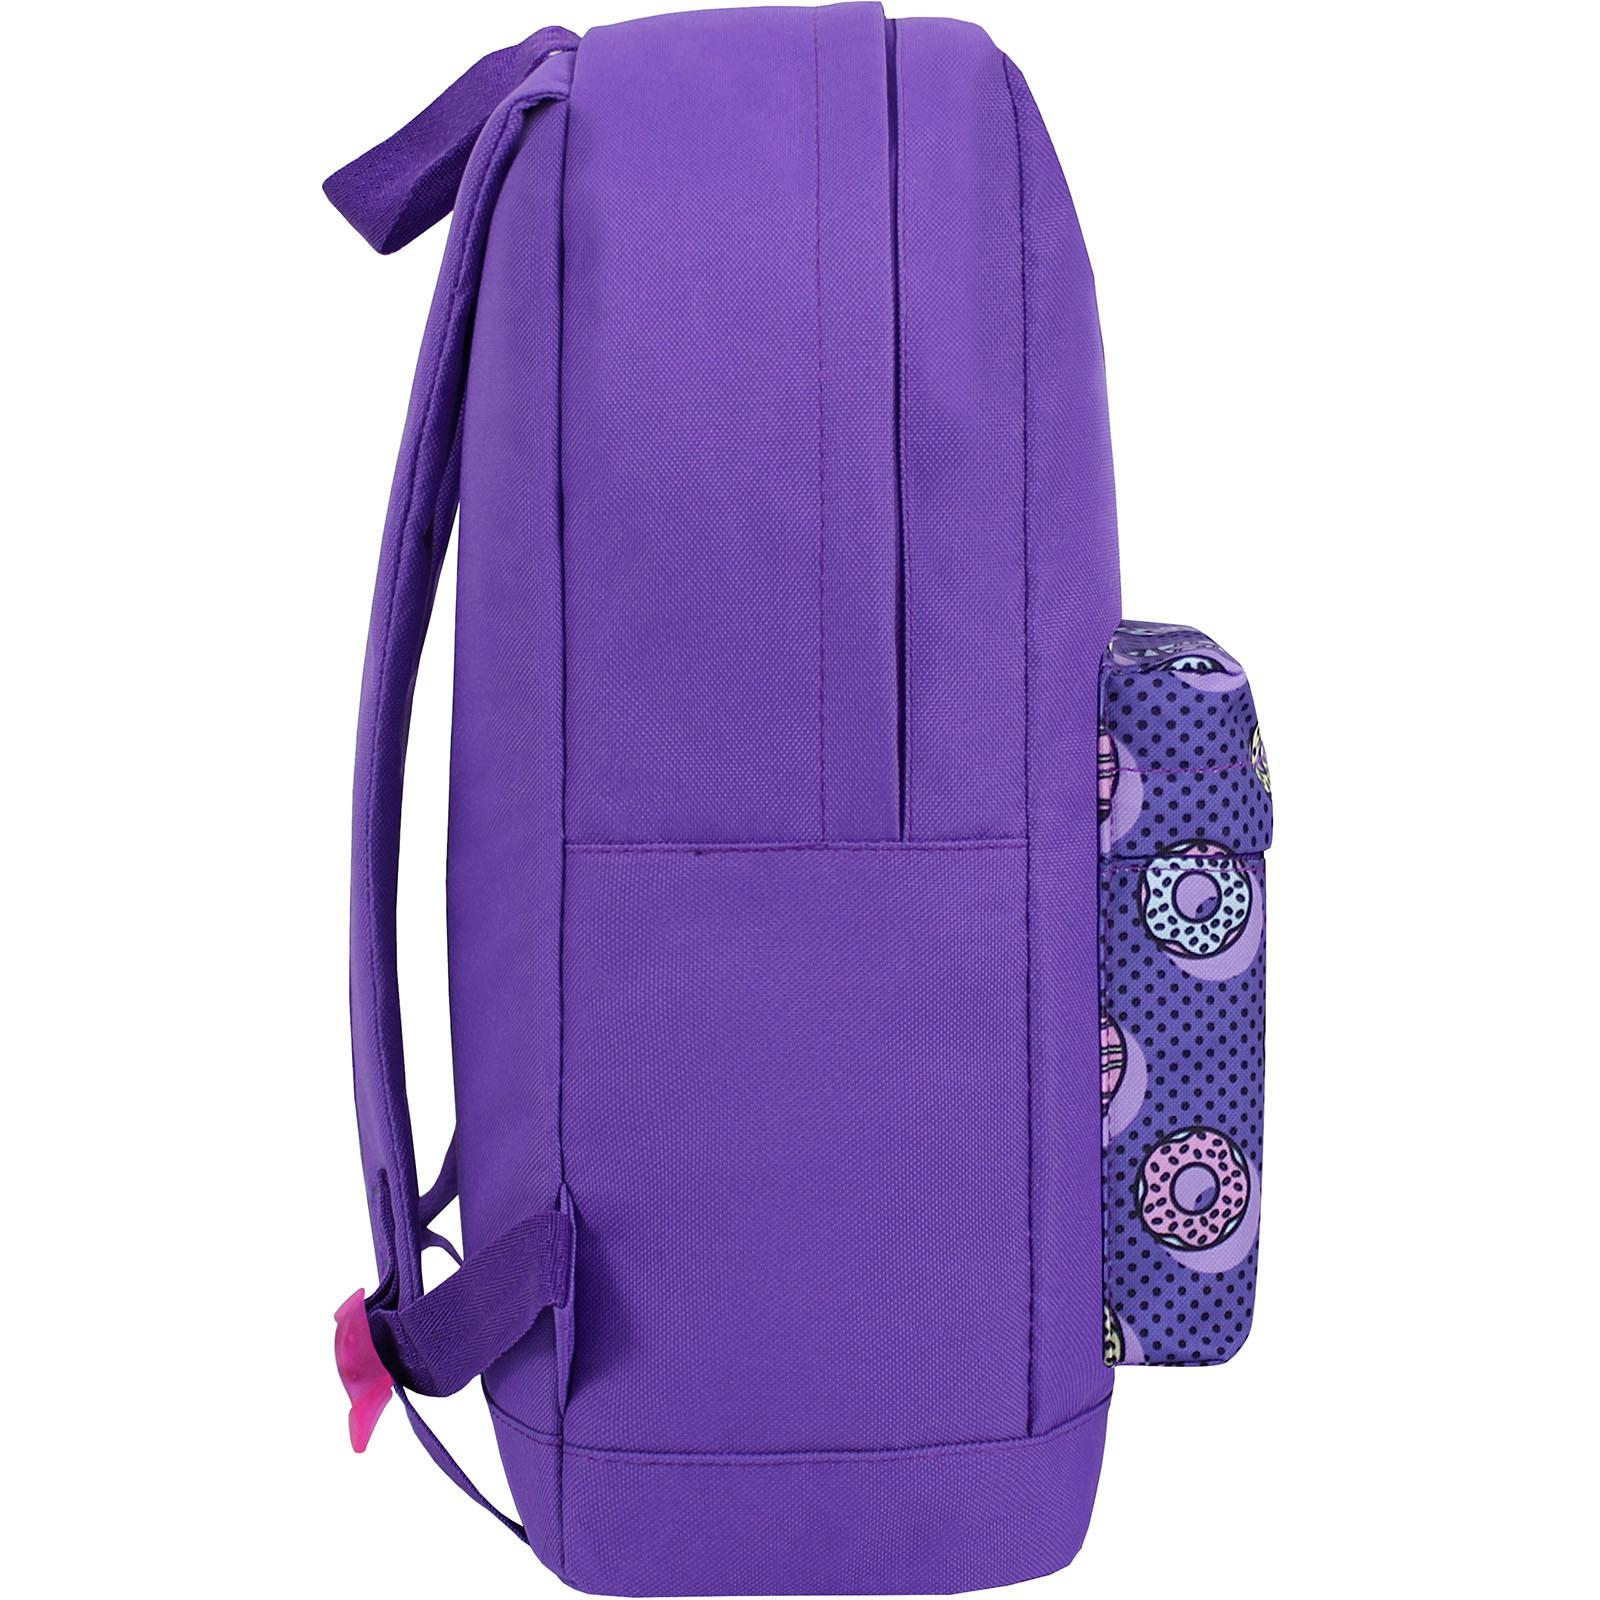 Рюкзак Bagland Молодежный W/R 17 л. 339 Фиолетовый 745 (00533662) фото 2